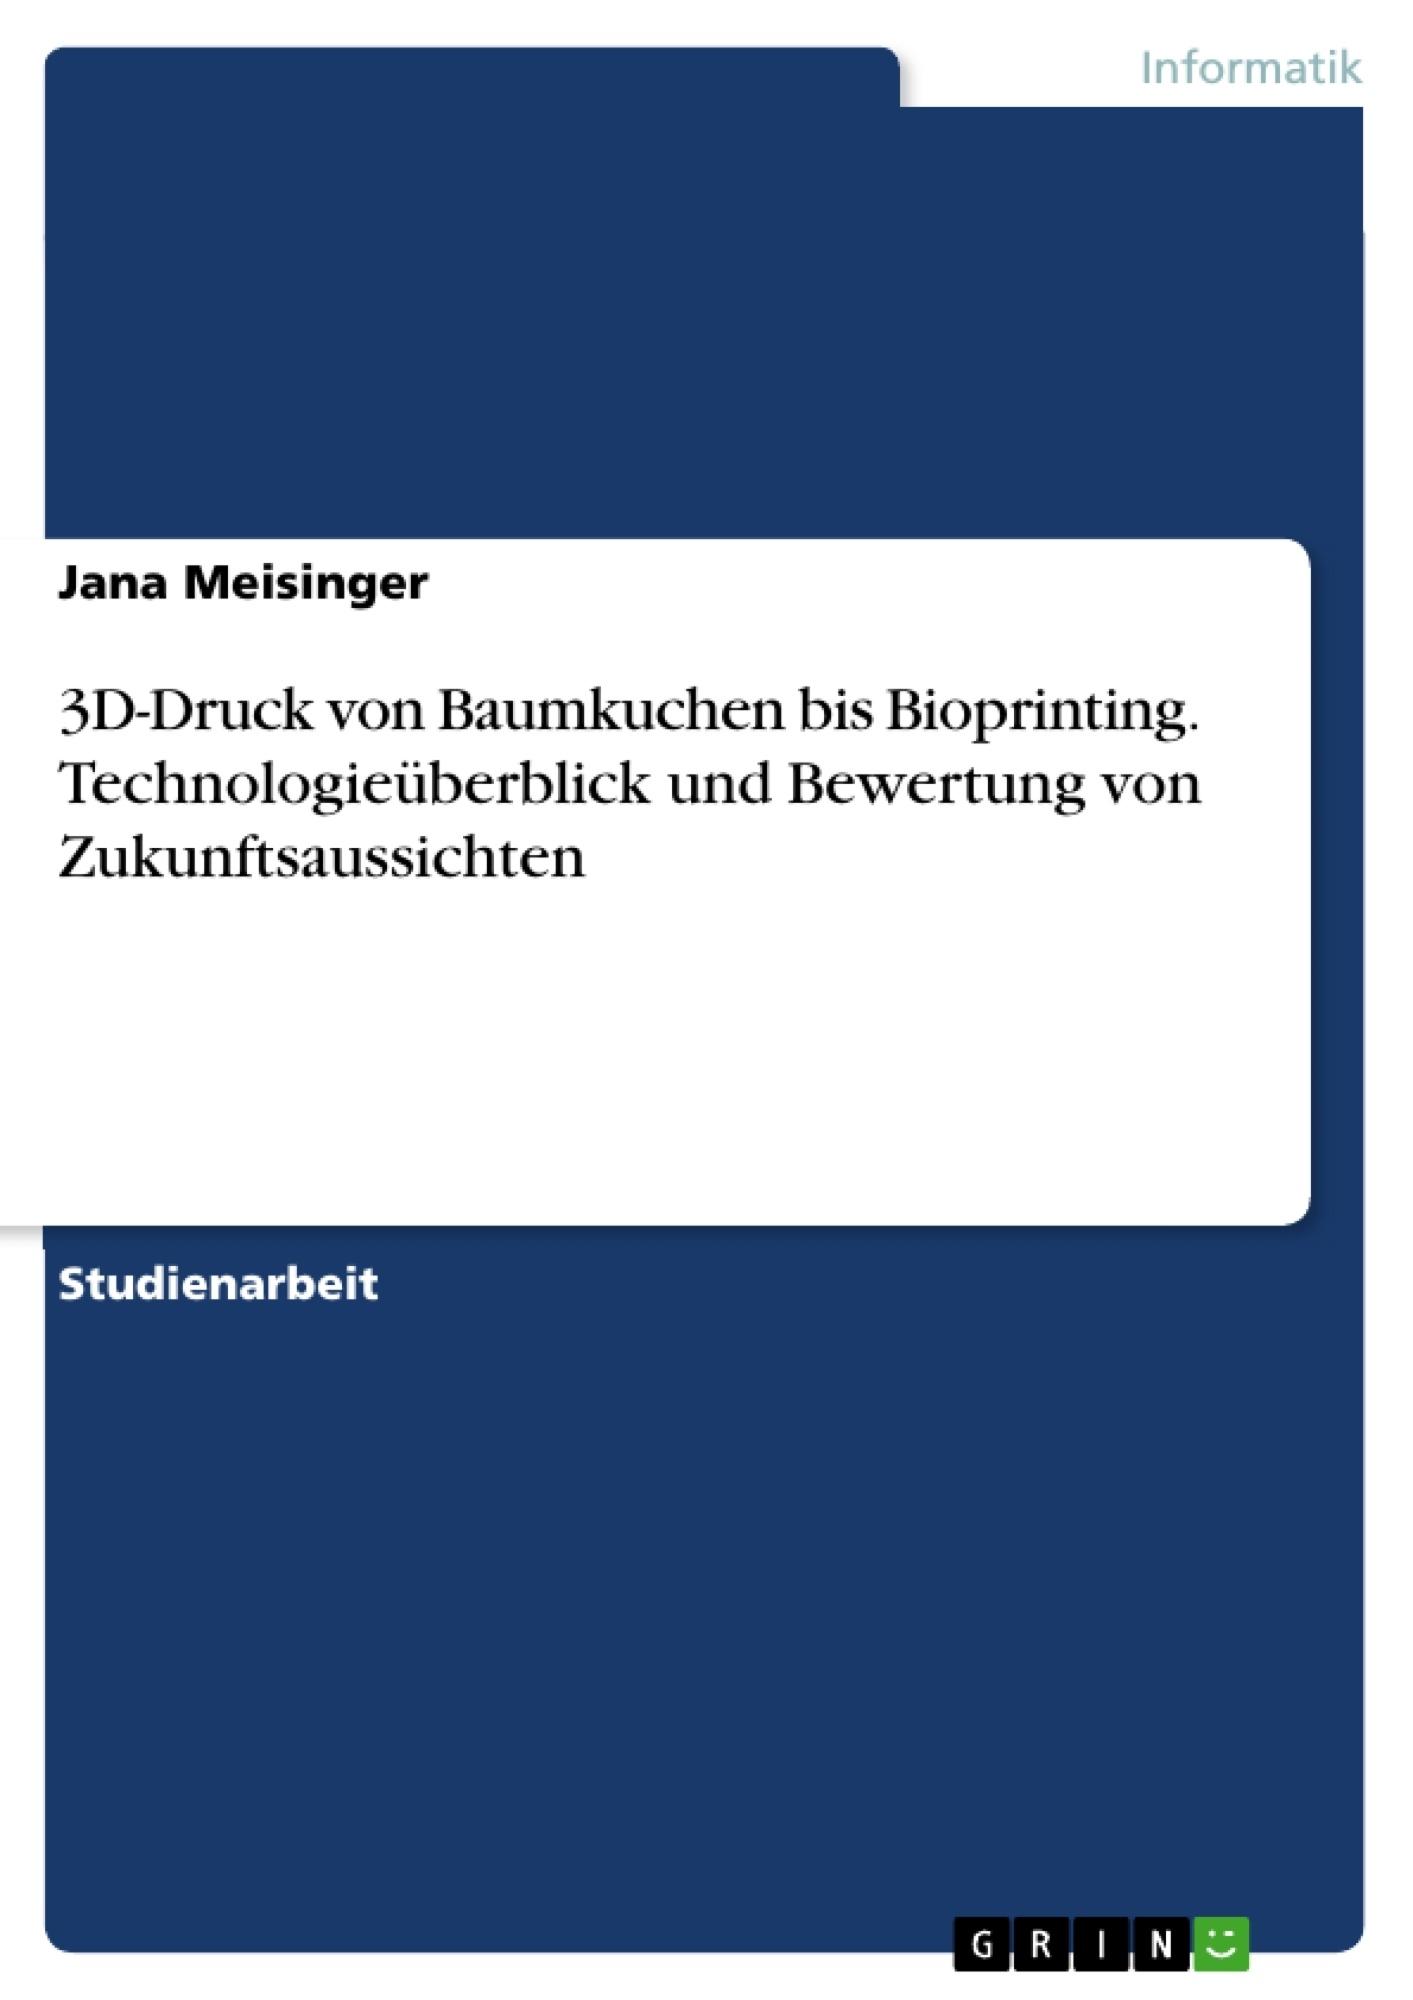 Titel: 3D-Druck von Baumkuchen bis Bioprinting. Technologieüberblick und Bewertung von Zukunftsaussichten